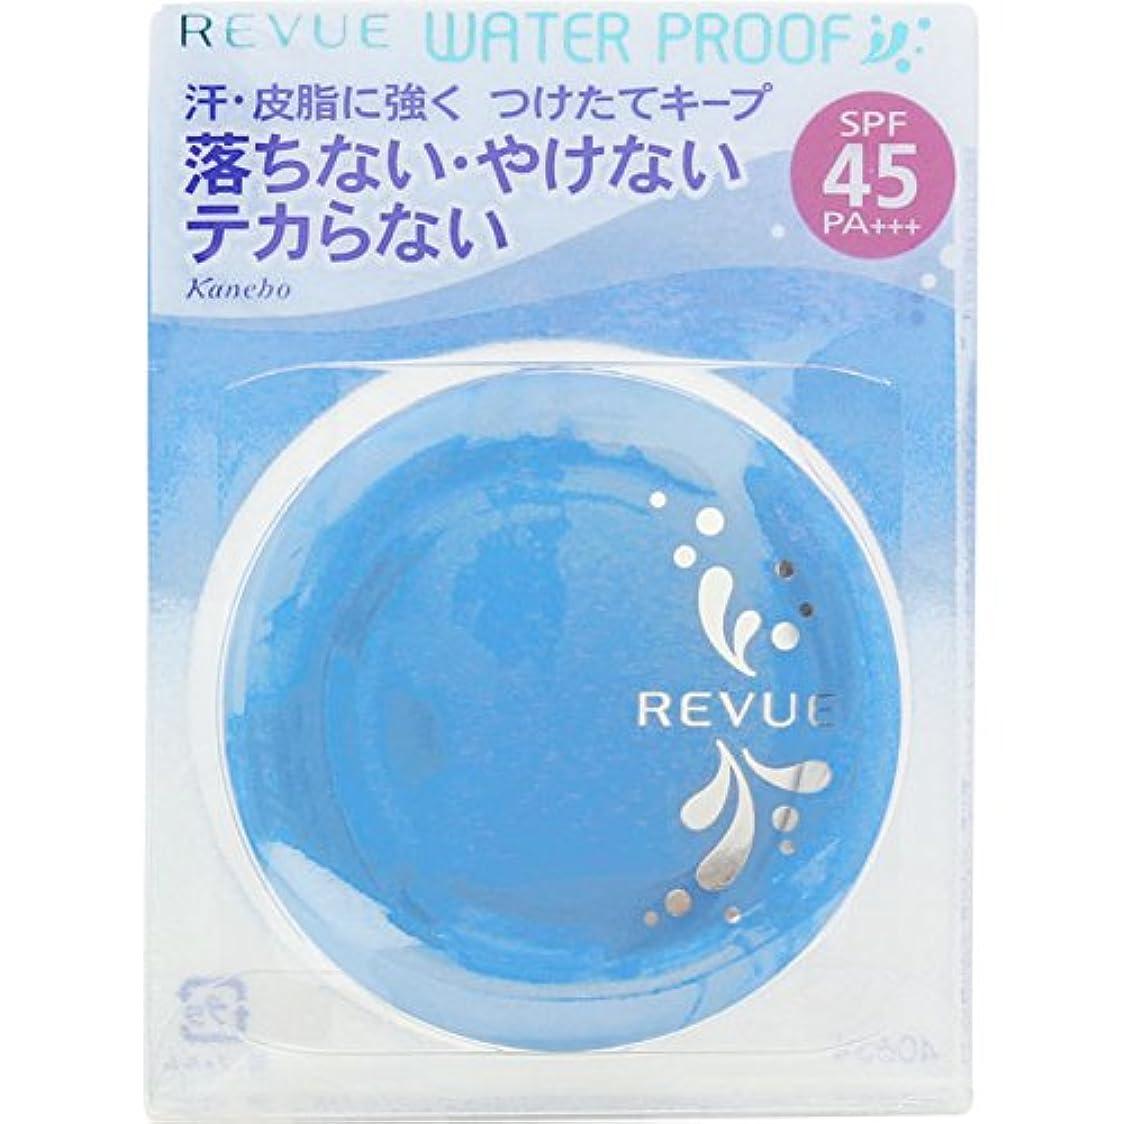 またはタック懐カネボウ REVUE レヴューウォータープルーフ パクトUV【オークルD】 (SPF45?PA+++)